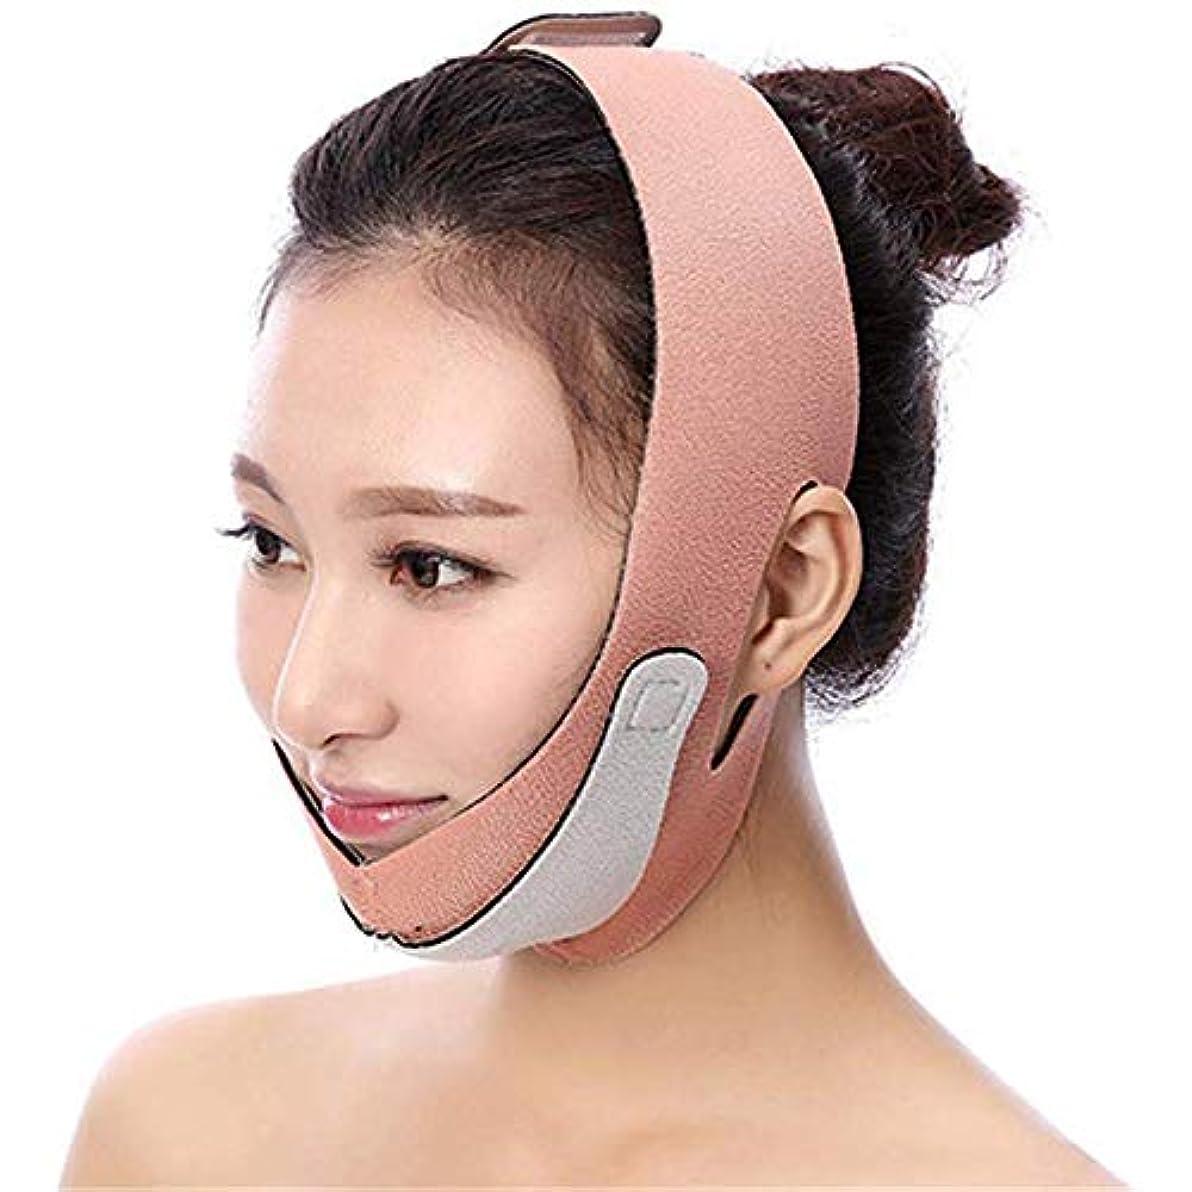 分離大きさ追加するWSJTT 顔のスリミングチンストラップ - チンをエイジングアンチフェイシャルマスクを持ち上げ - 皮膚のたるみ二重あごケア減量フェイスベルト、Vフェイスライン包帯ネックサポートフェイシャルリフトを排除